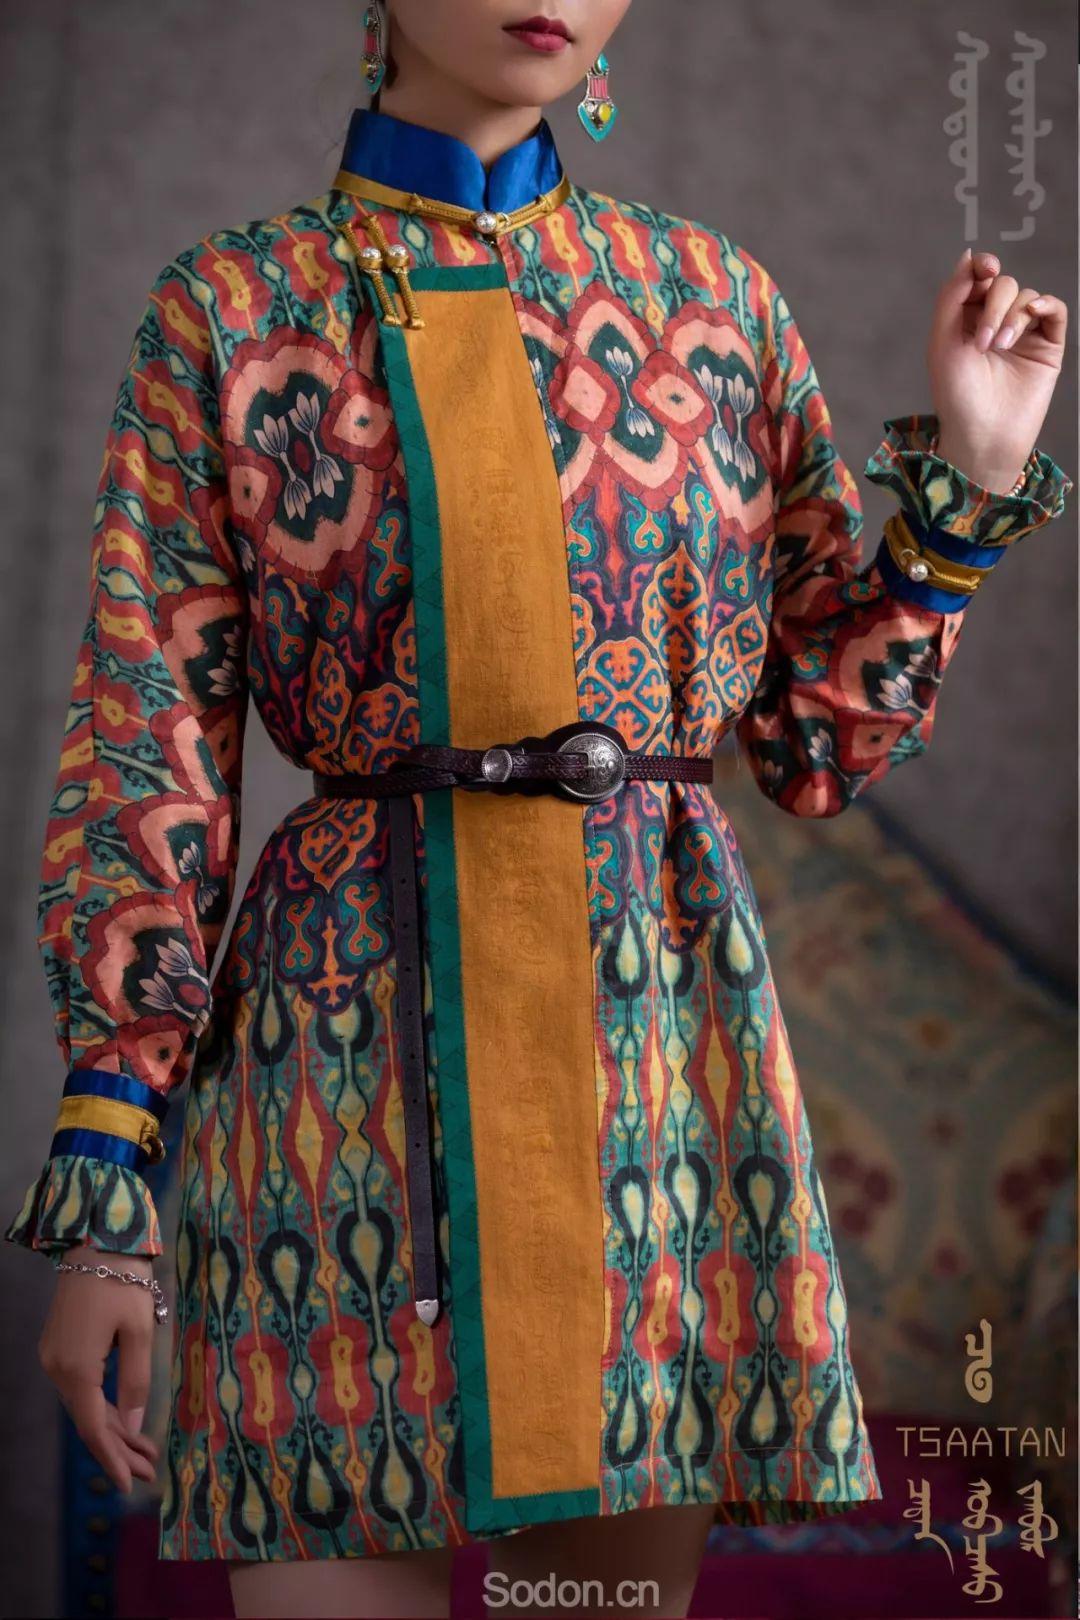 TSAATAN蒙古时装 2019新款,来自驯鹿人的独特魅力! 第75张 TSAATAN蒙古时装 2019新款,来自驯鹿人的独特魅力! 蒙古服饰